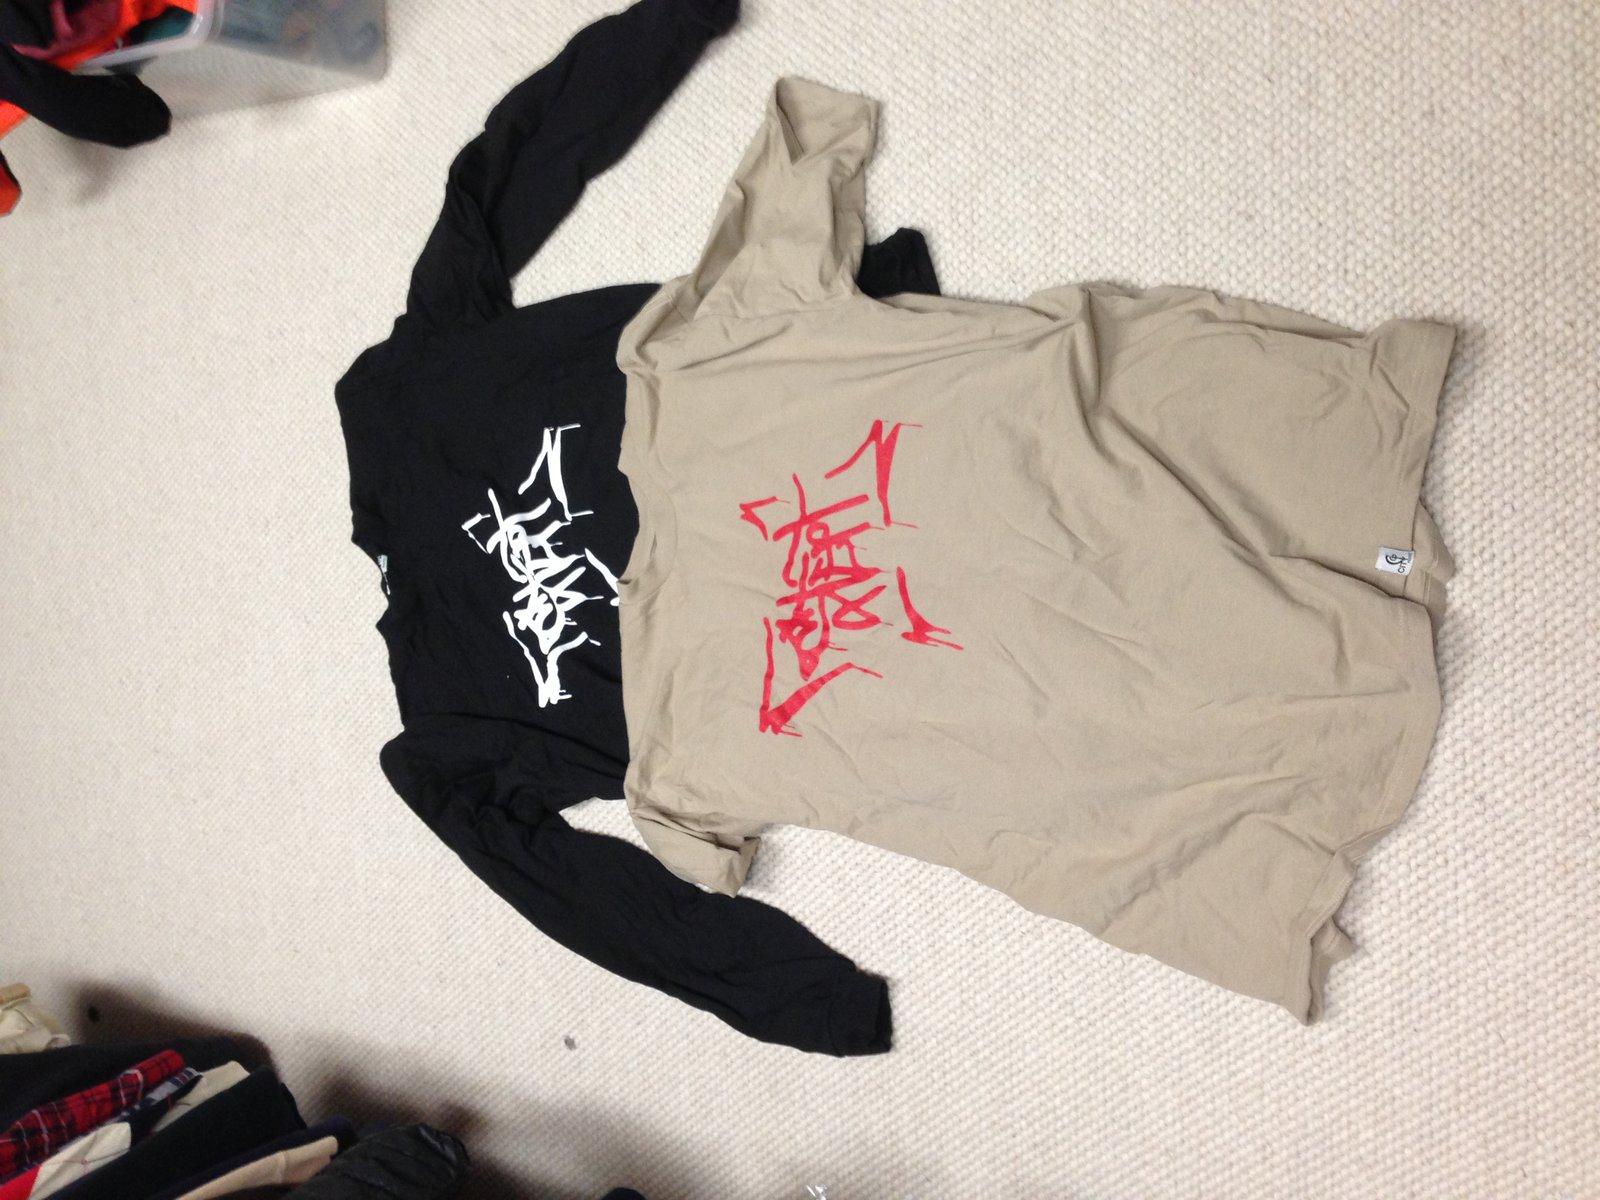 stept tshirts